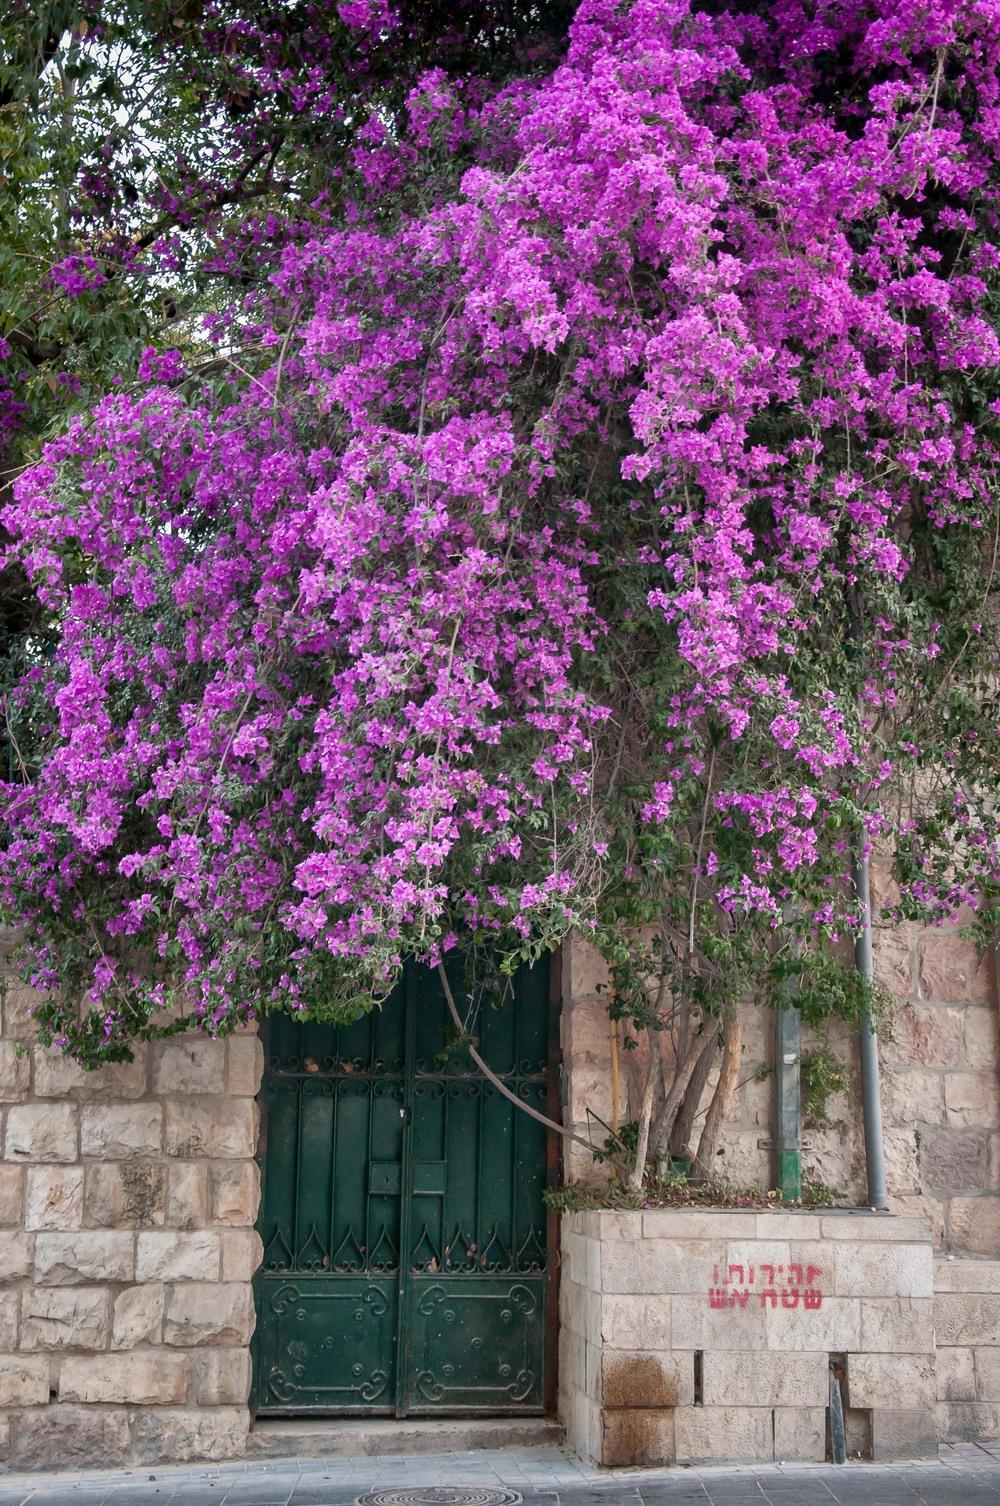 jaffa-st-flower-door-jerusalem-israel_12490903084_o.jpg